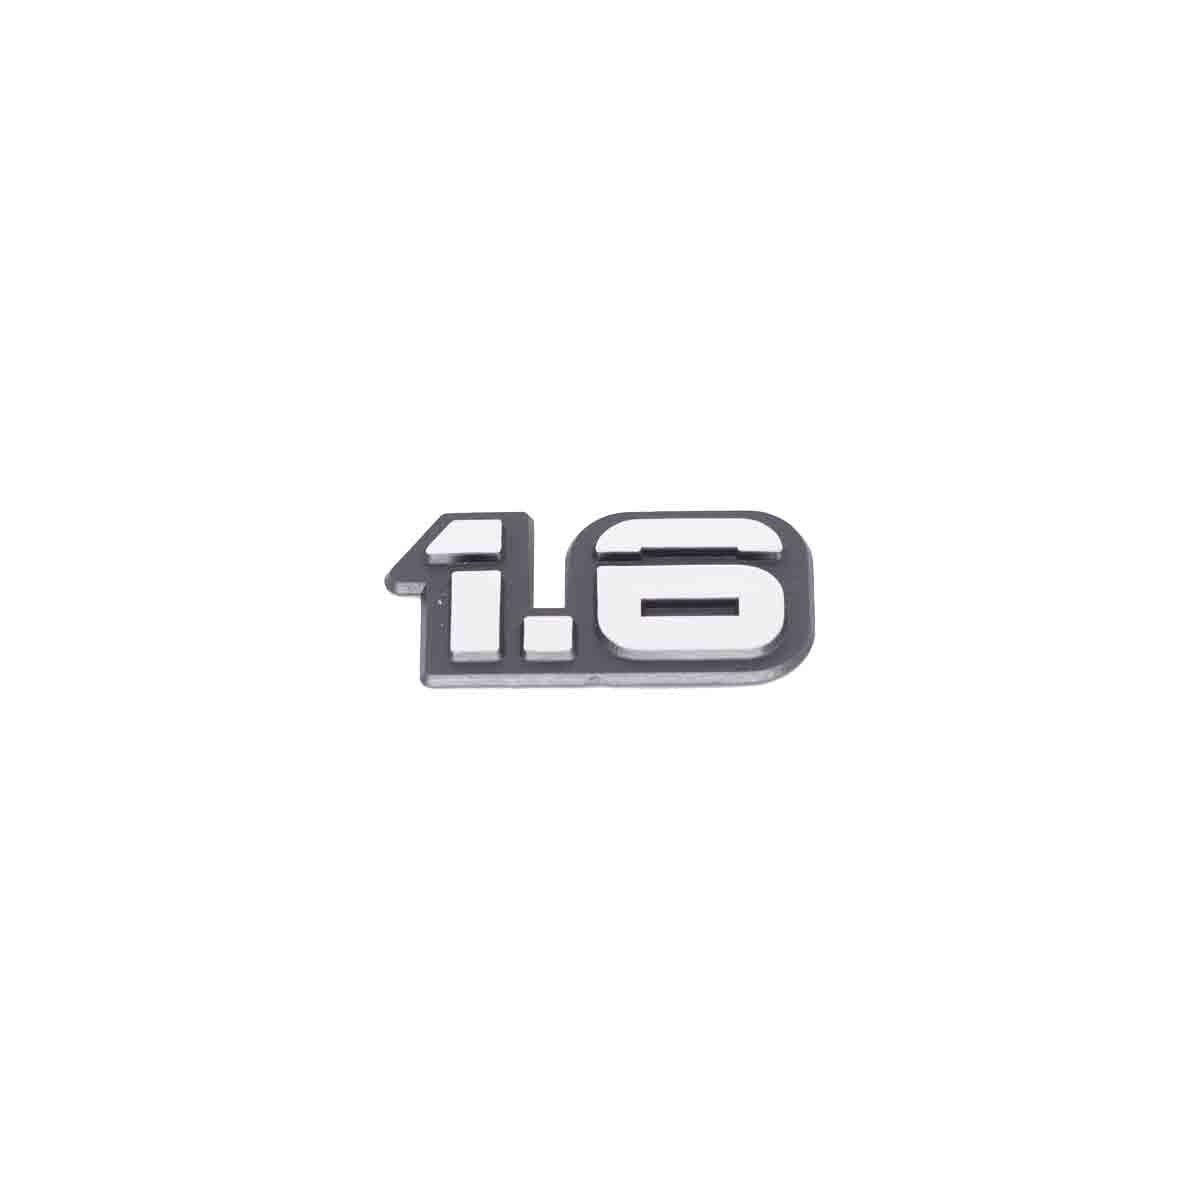 Emblema 1.6 Belina/Corcel/Pampa/Escort